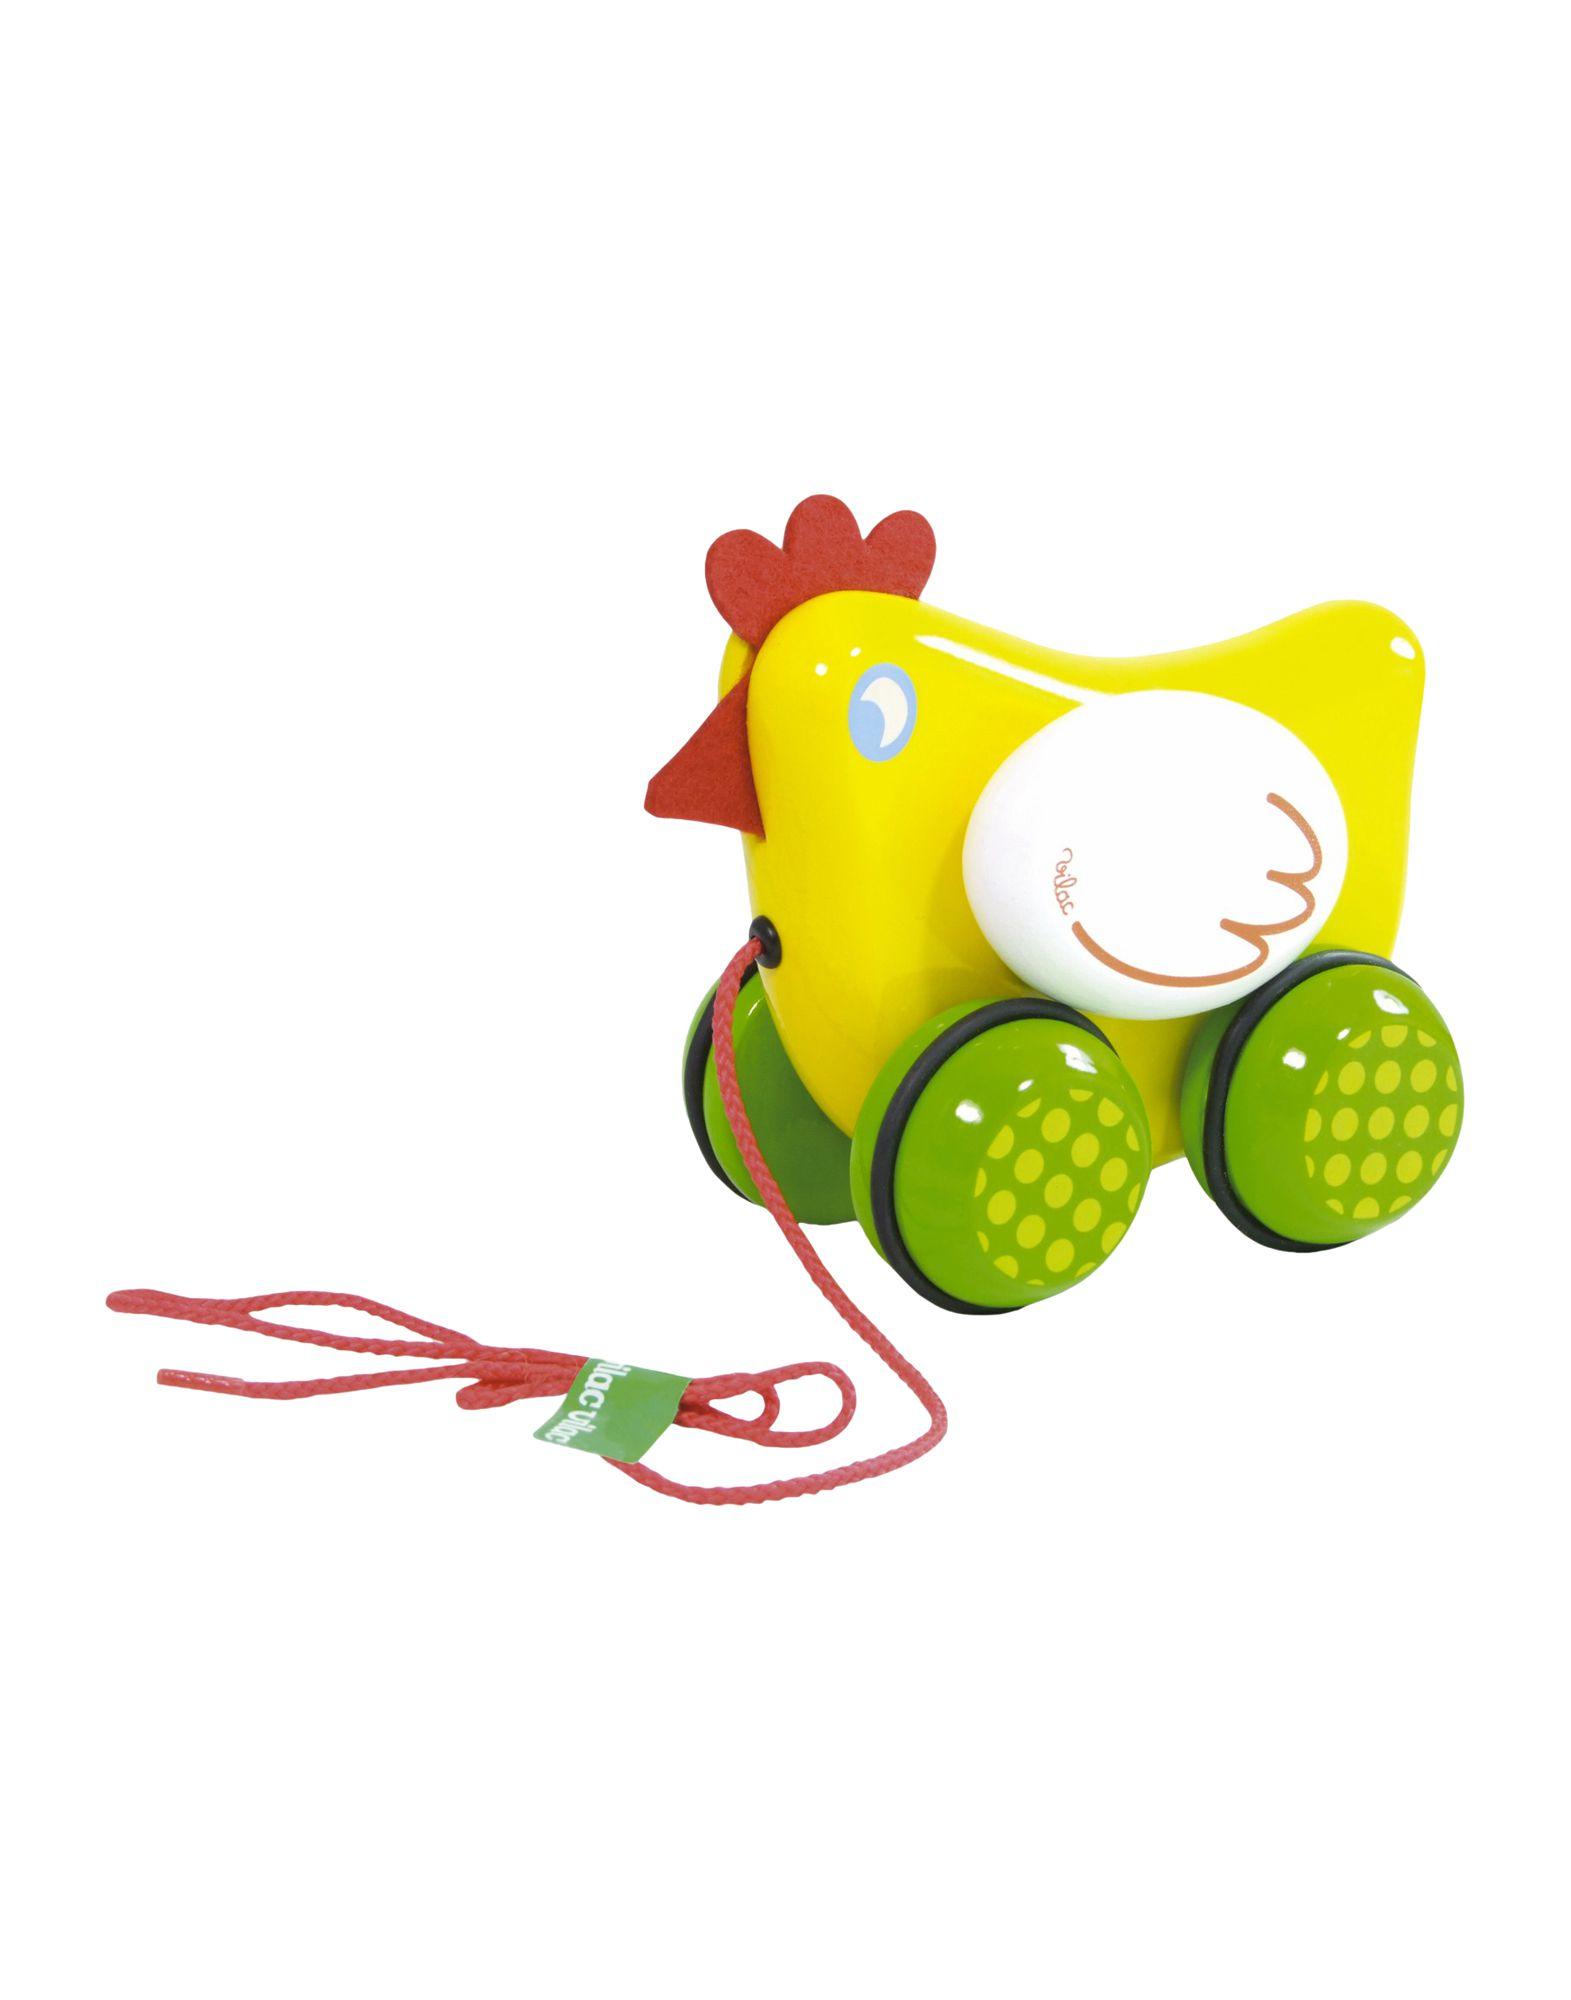 VILAC Unisex Baby- und Kinderspielzeuge Farbe Gelb Größe 1